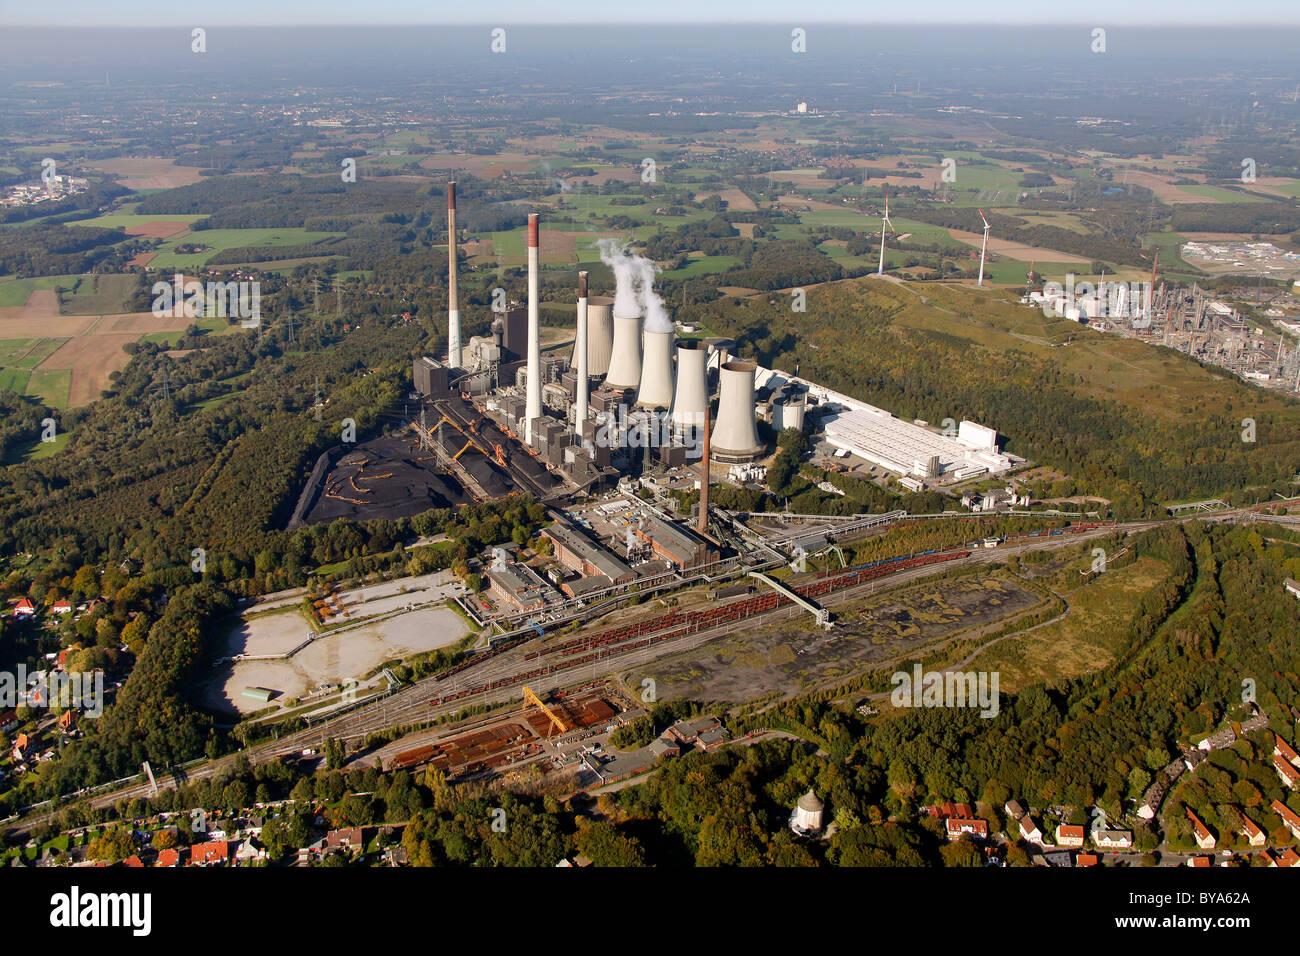 Aerial view, E.ON Kraftwerk Scholven power plant, Gelsenkirchen, Ruhrgebiet region, North Rhine-Westphalia, Germany, Stock Photo